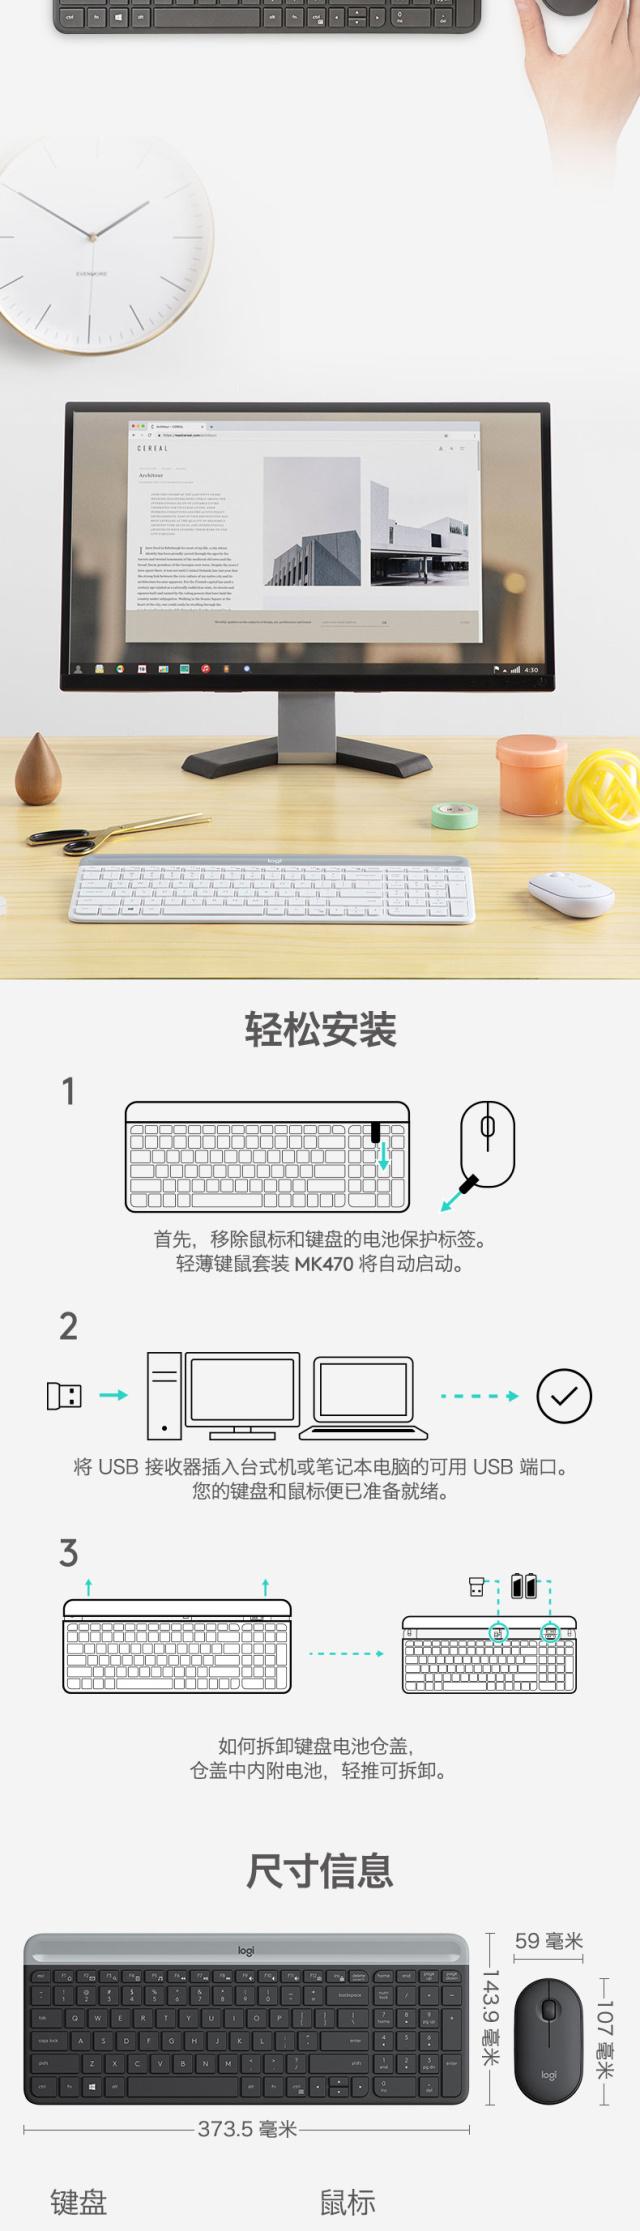 羅技(Logitech)MK470無線鍵鼠套裝&K845背光機械鍵盤